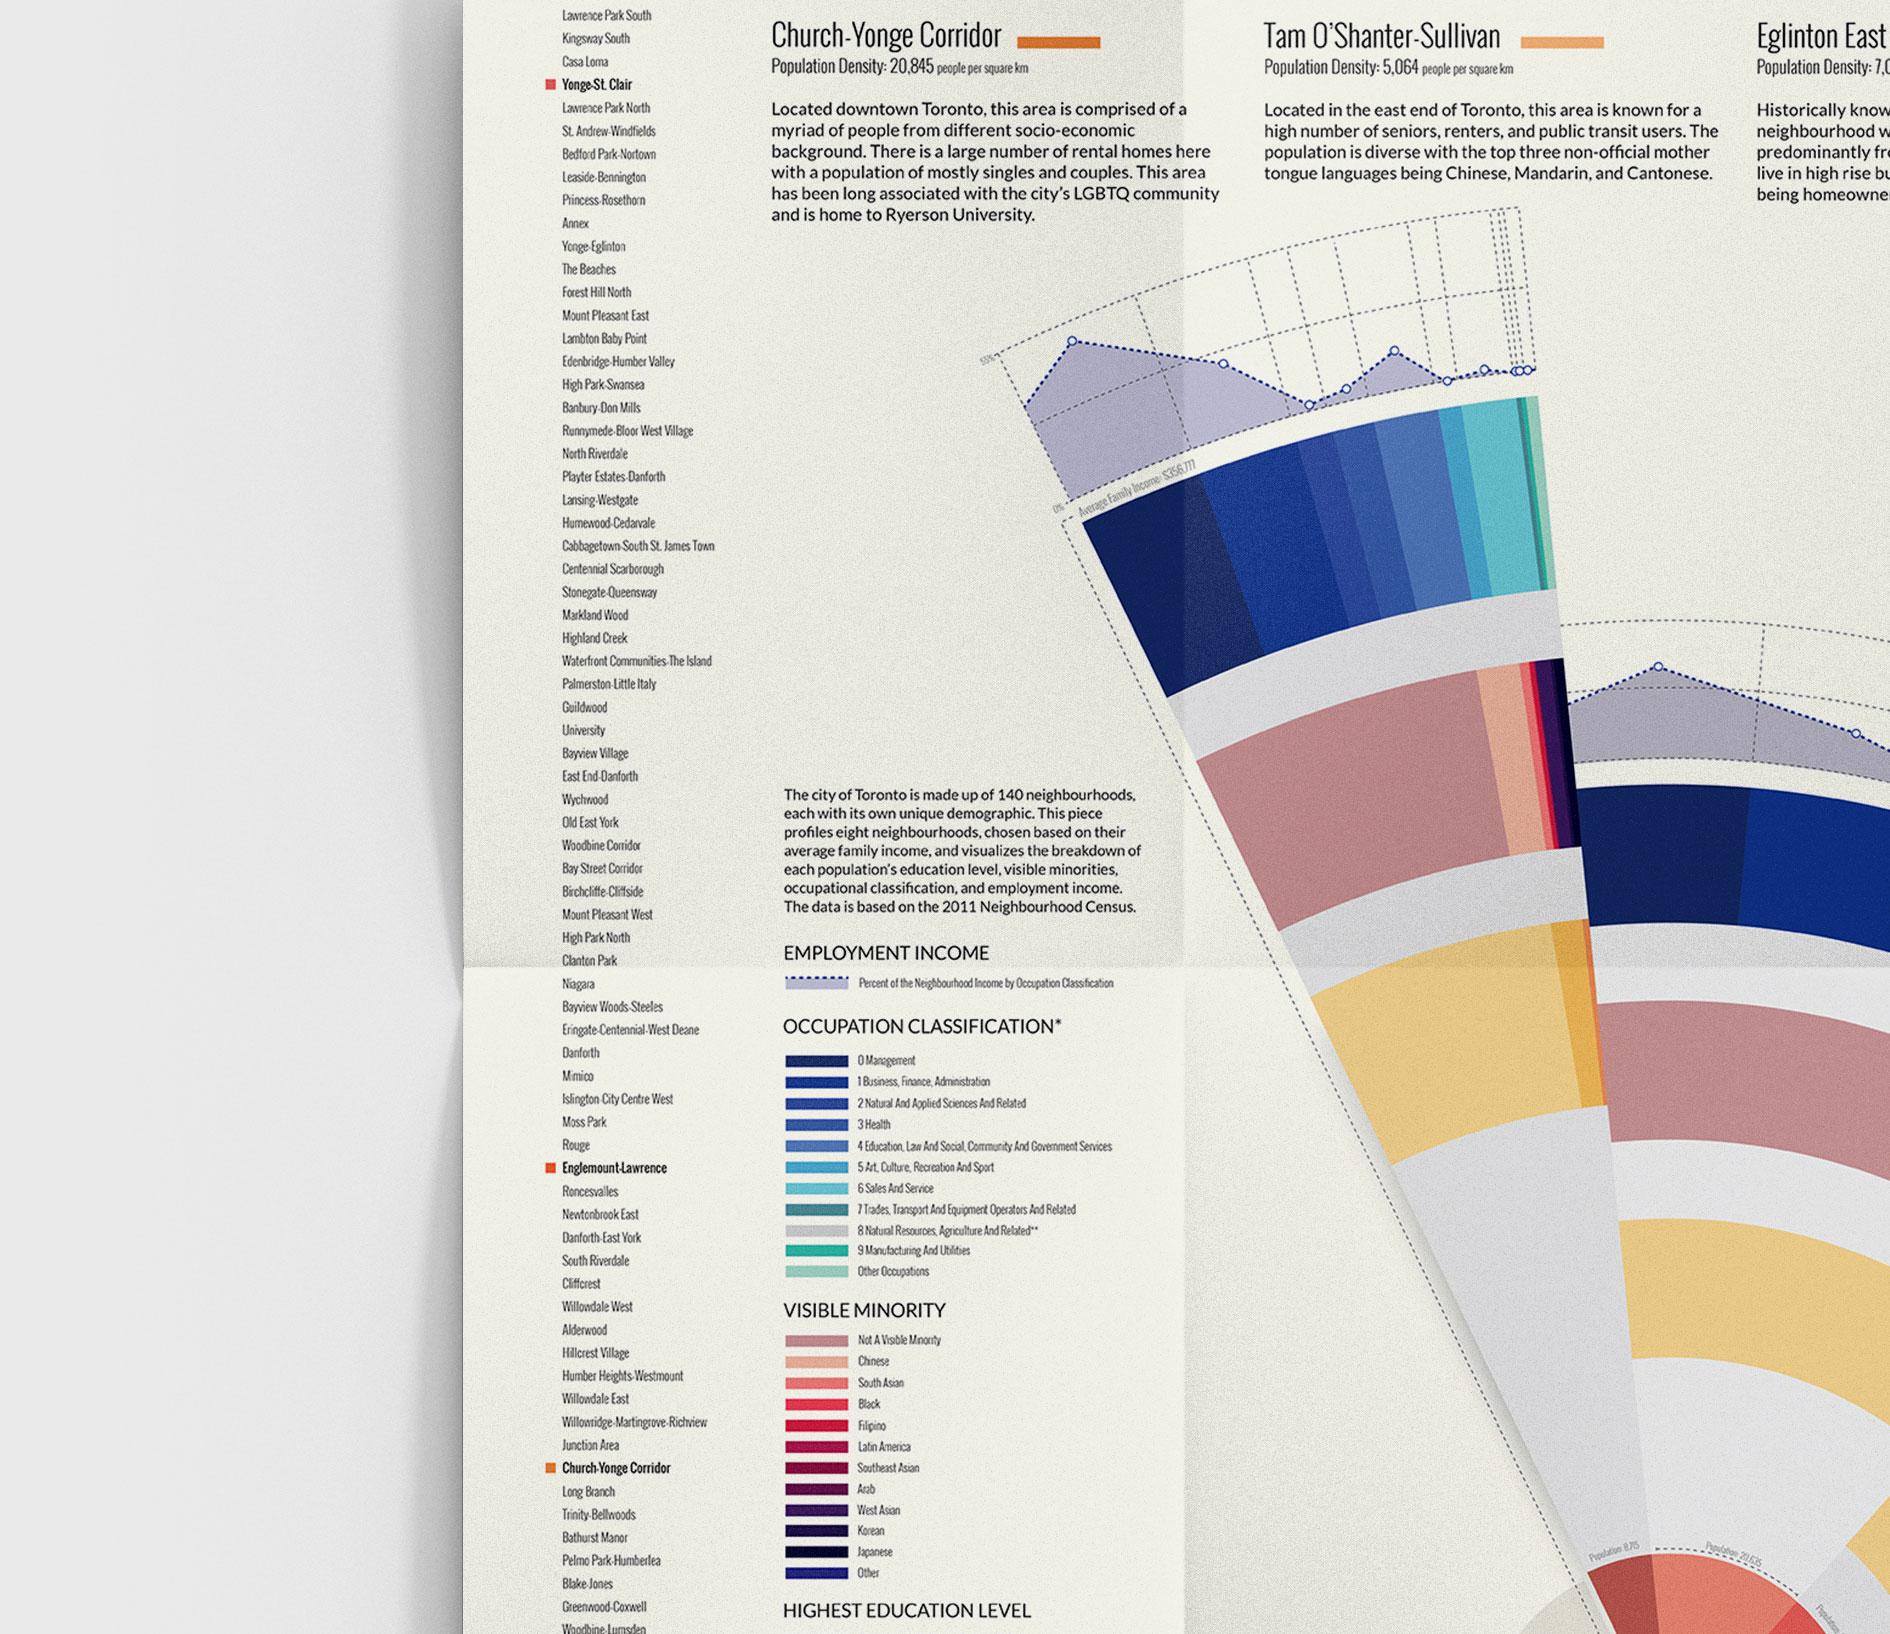 infographic_websiteimage02-mockup-cropped02-medsize